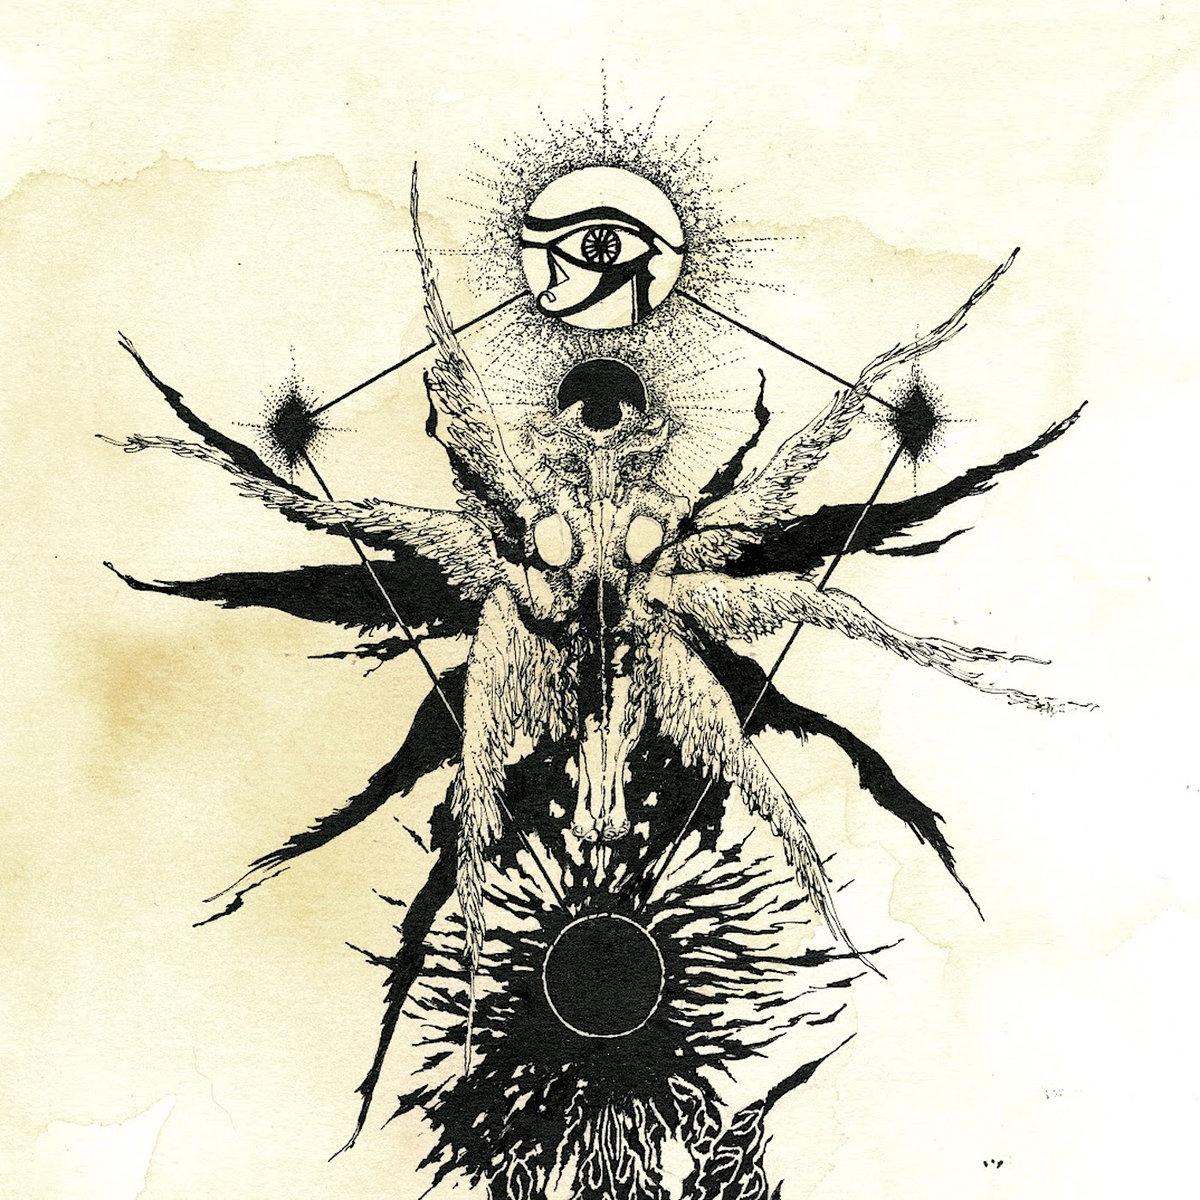 2. Denouncement Pyre - Black Sun Unbound